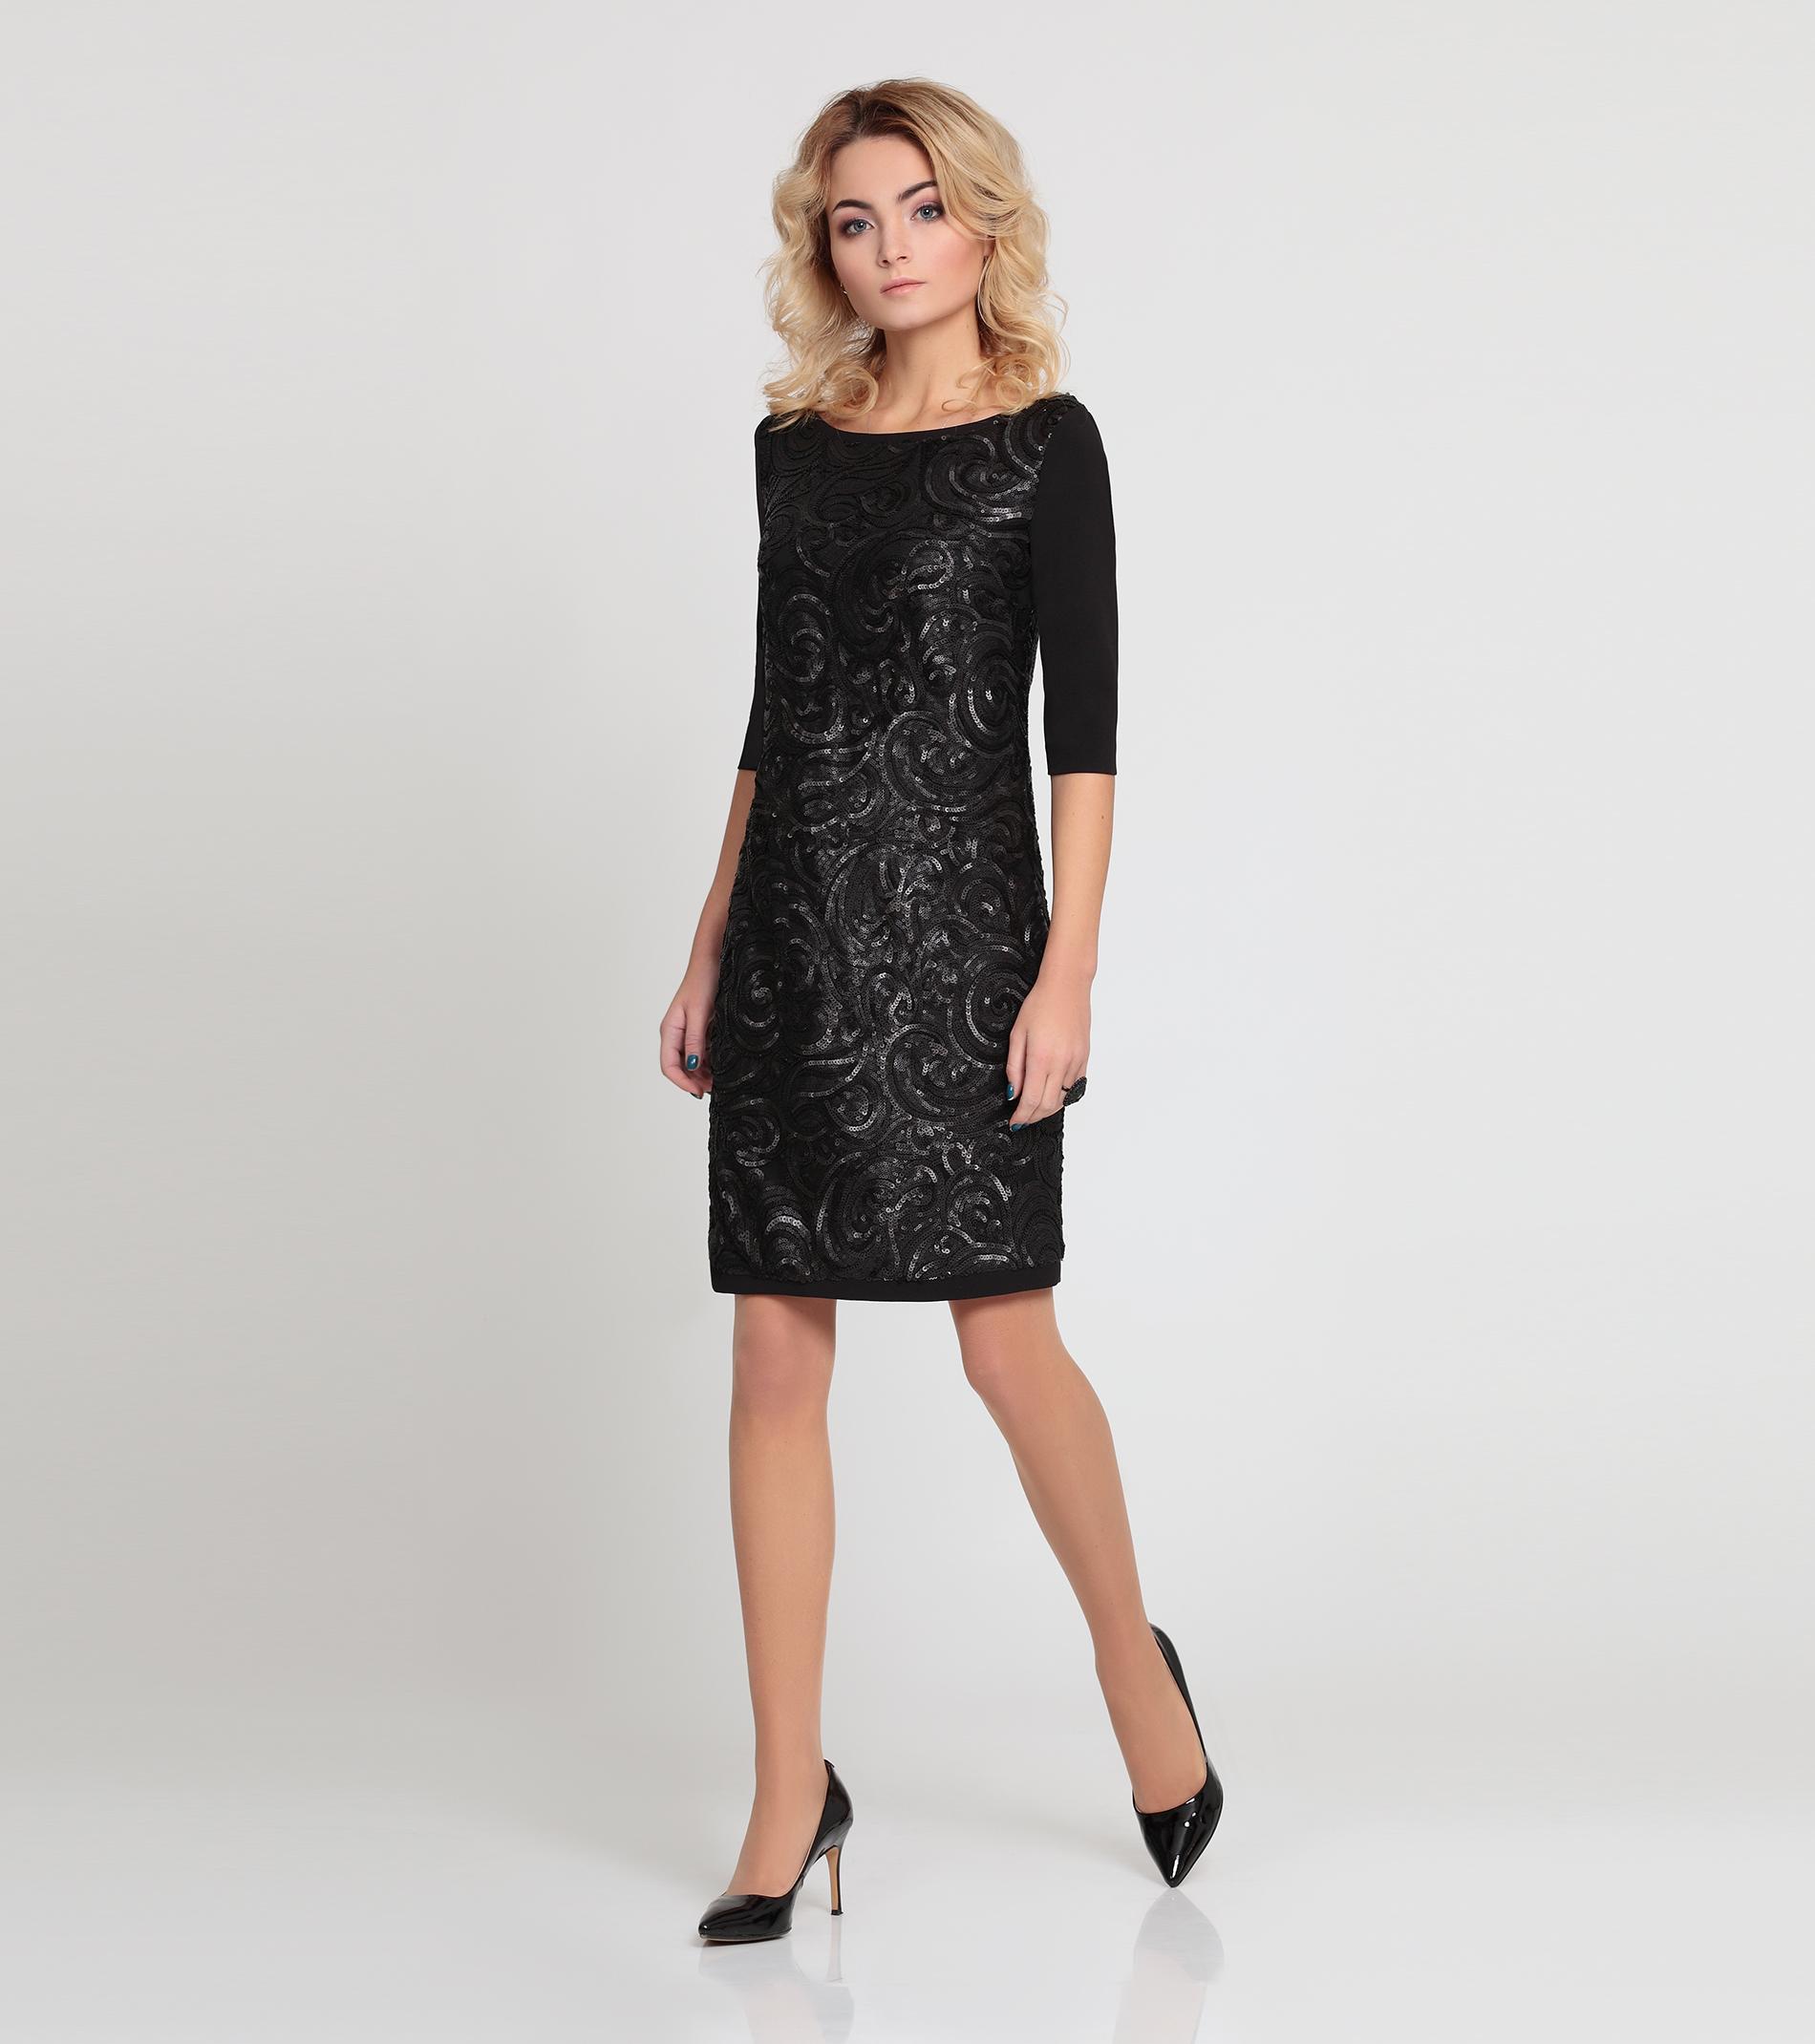 Женская одежда стайл